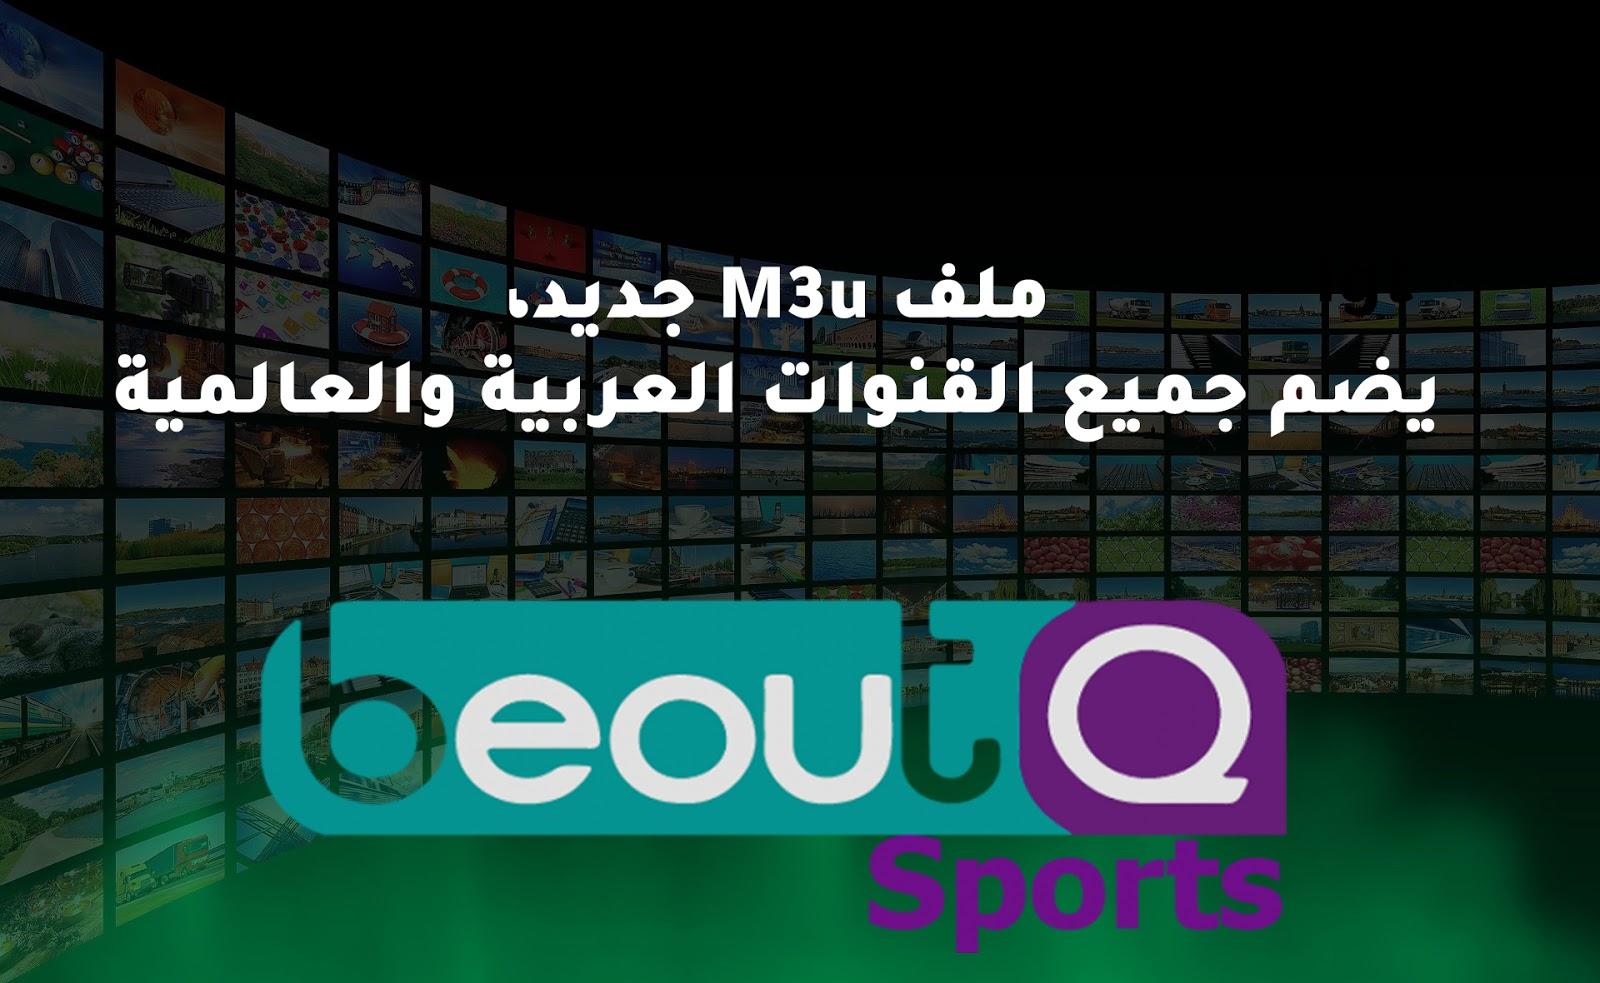 روابط IPTV - قنوات BeoutQ السعودية مجانا